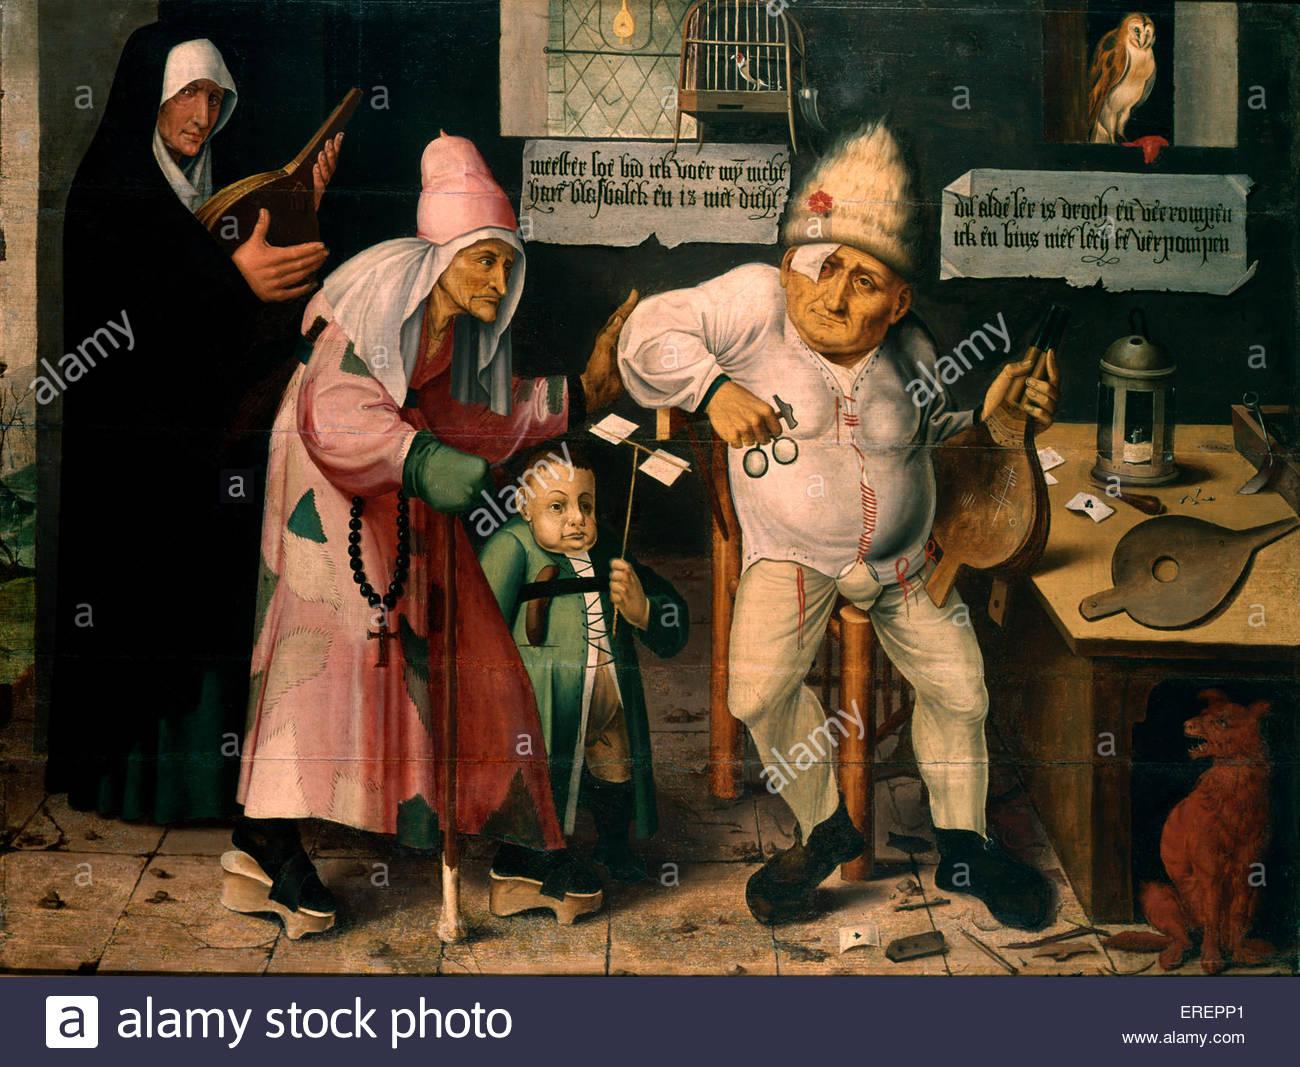 Le Soufflet Mender de Jérôme Bosch. Peintre flamand, ch. 1450 - 9 août 1516 (enterré). Photo Stock